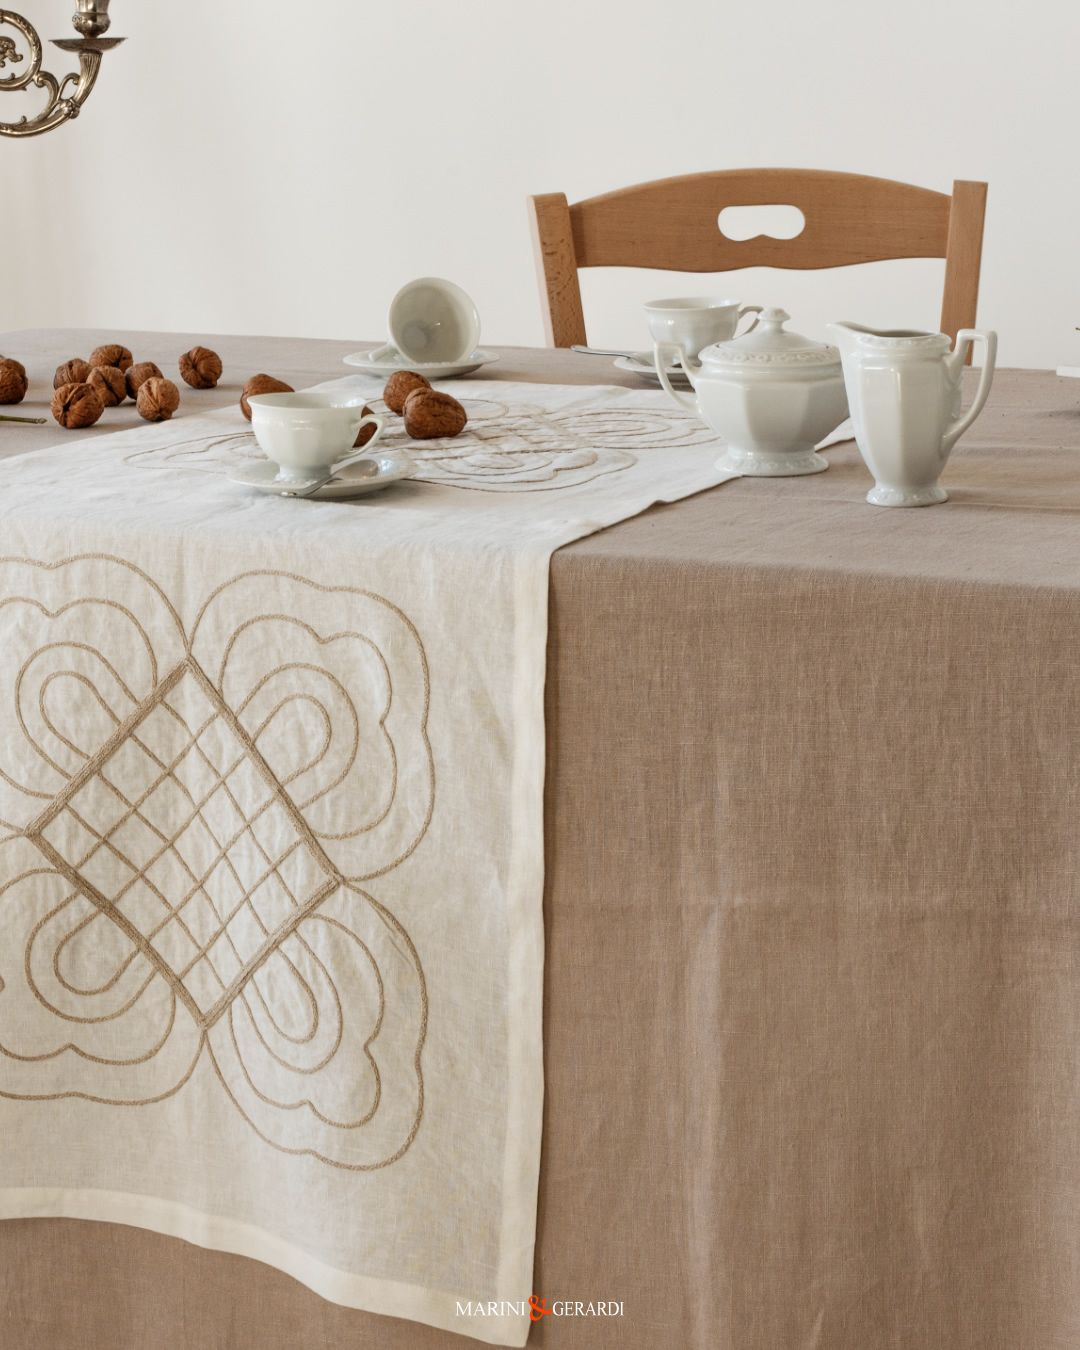 tovaglie da tavola colorate per tutti i gusti. 96 Idee Su Tovaglie In Lino Luxury Italian Linen Tablecloths Nel 2021 Tovaglia Di Lino Tovaglie Tovaglia